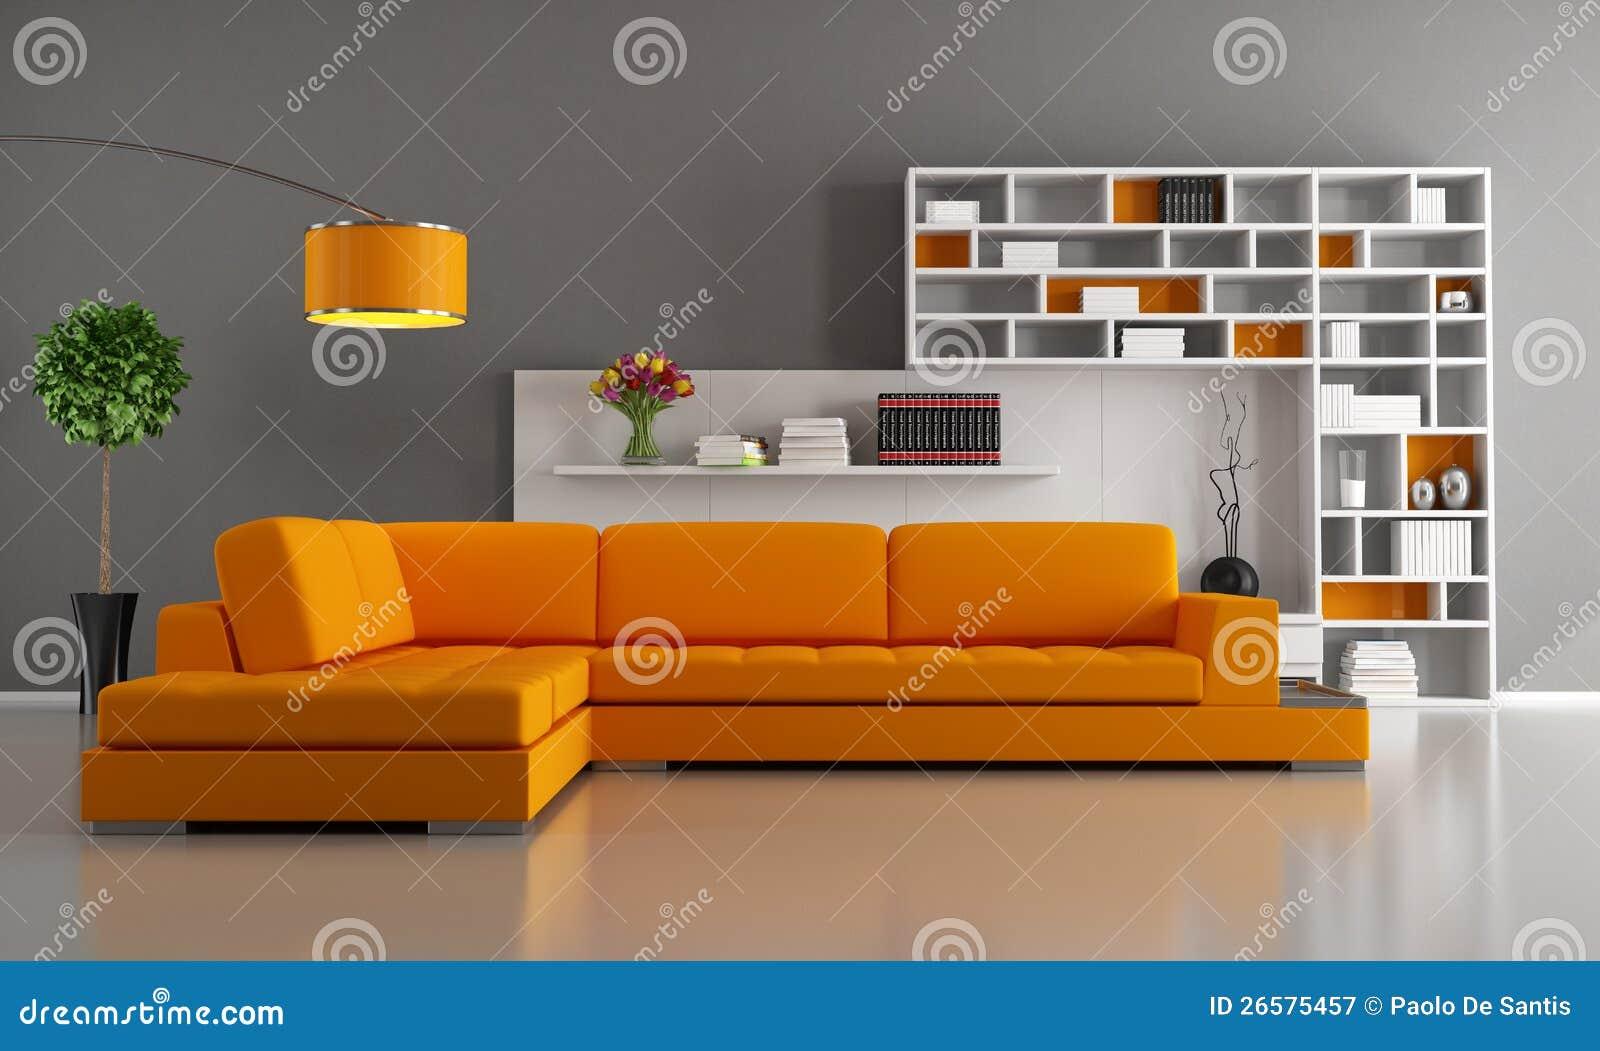 Welche Farbe Passt Zu Einer Schwarz Weißen Wohnwand